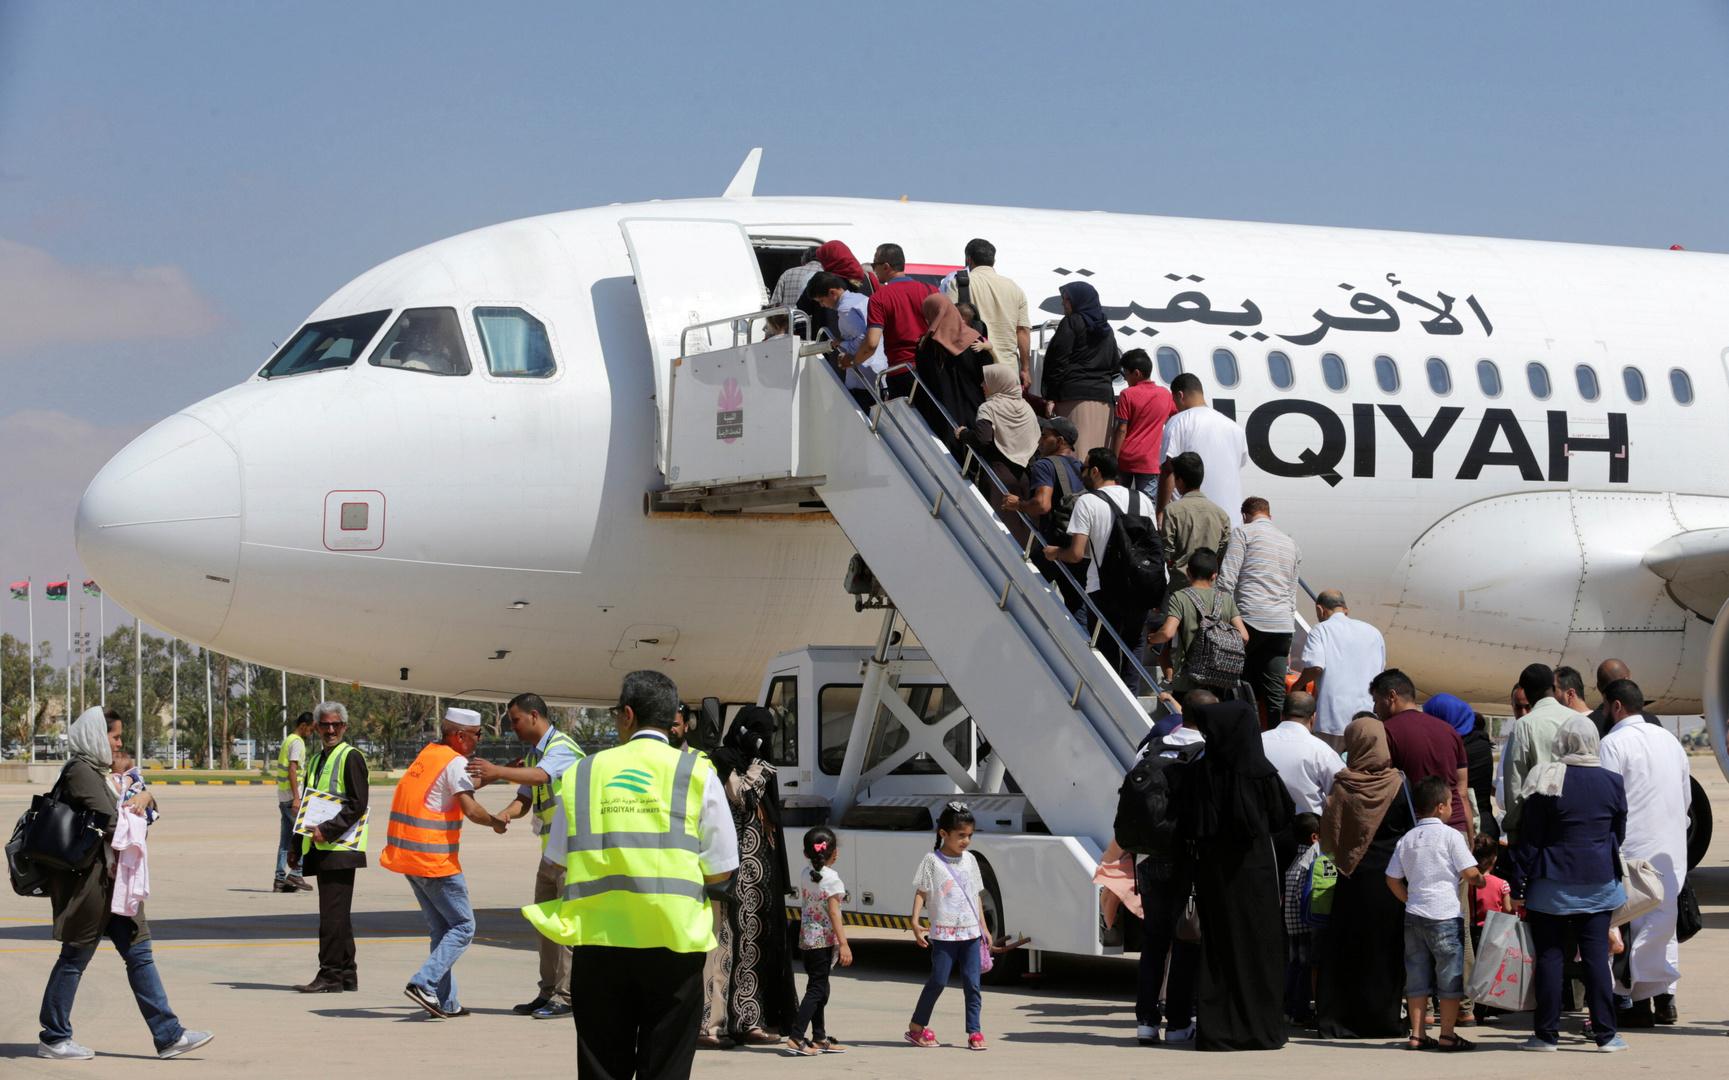 طائرة تابعة للخطوط الجزية الإفريقية في مطار بنغازي